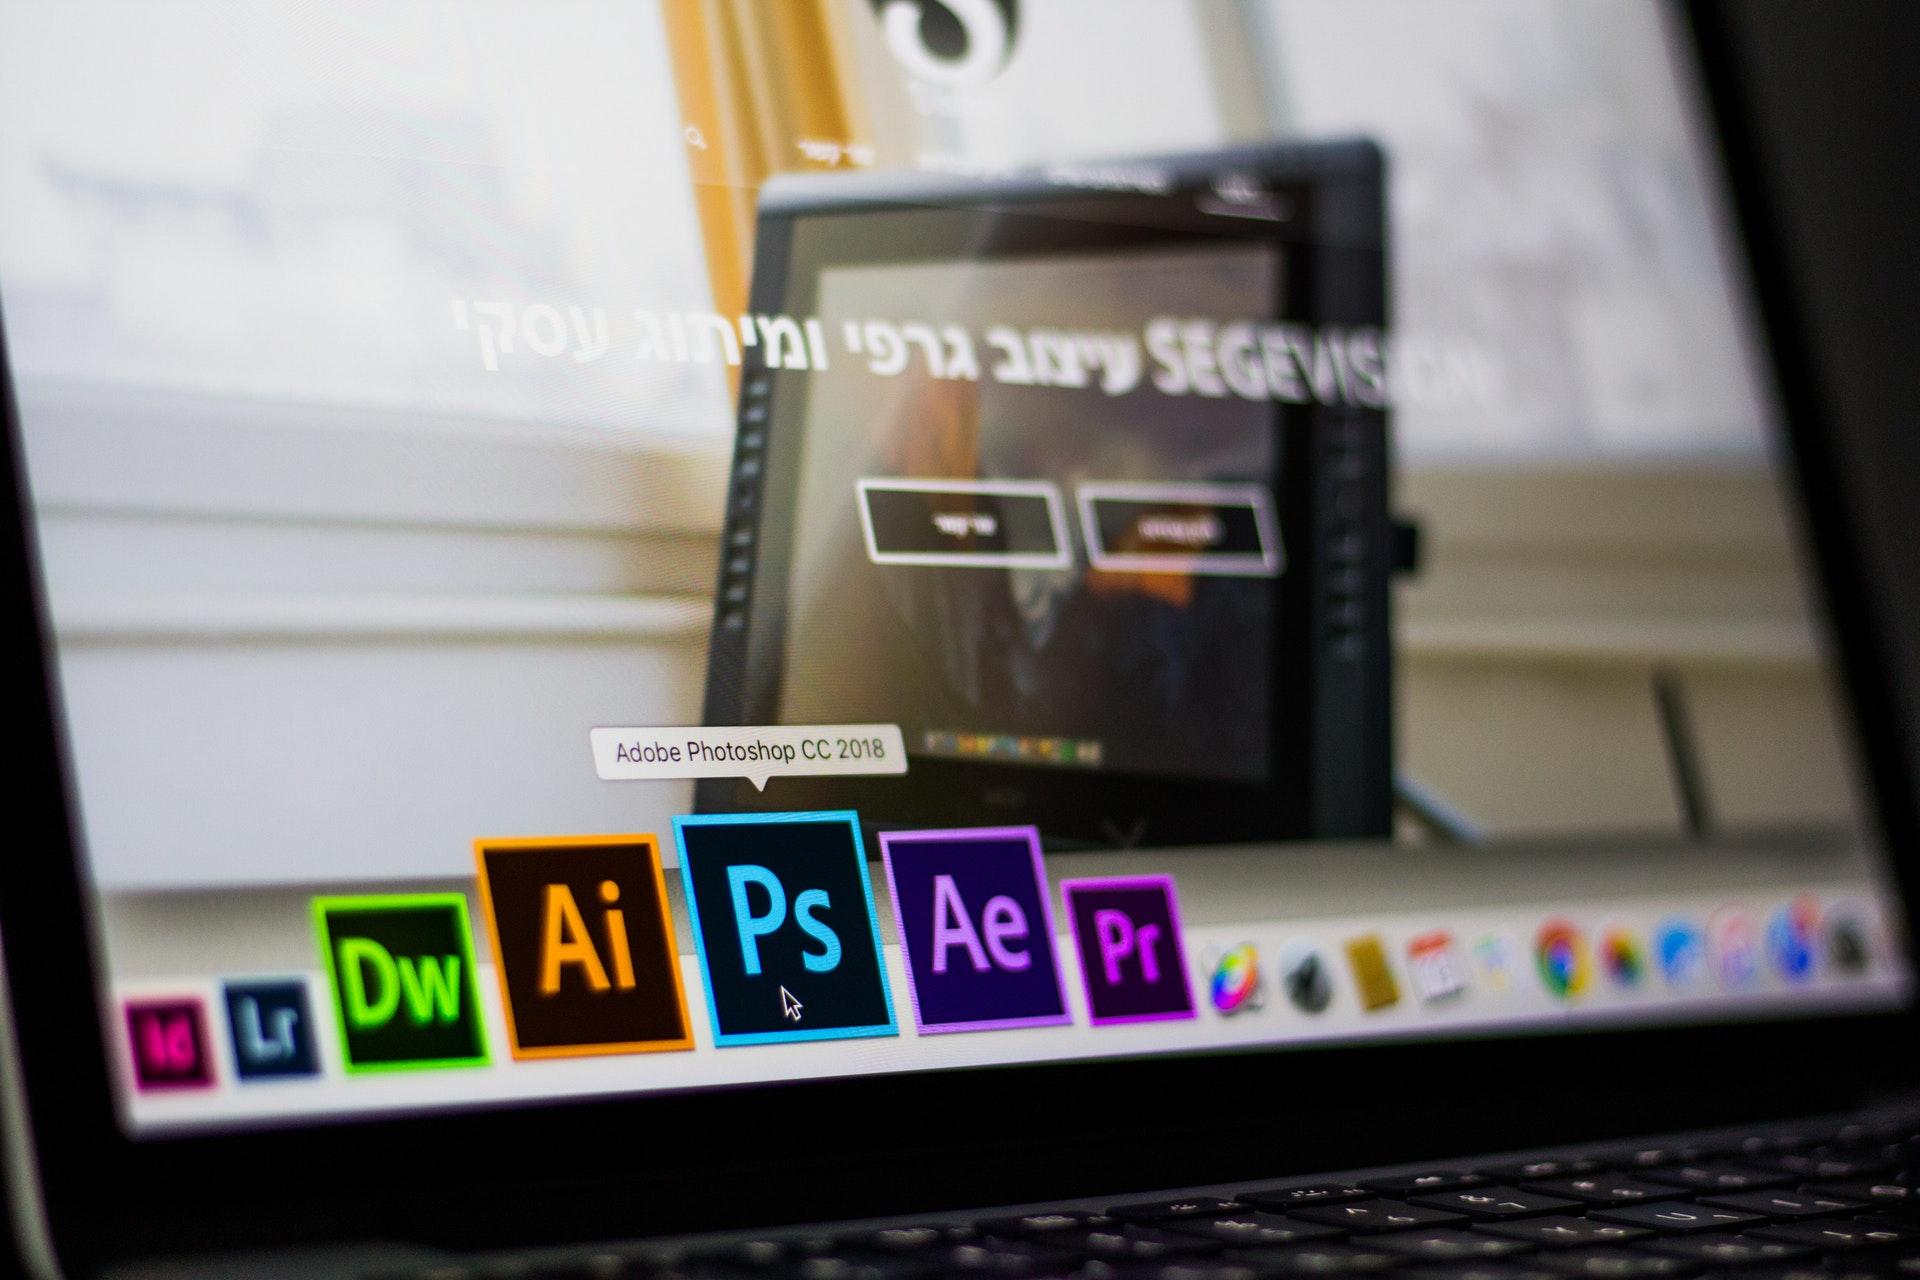 Kilka ciekawych akcji do Photoshopa które lubię... 9